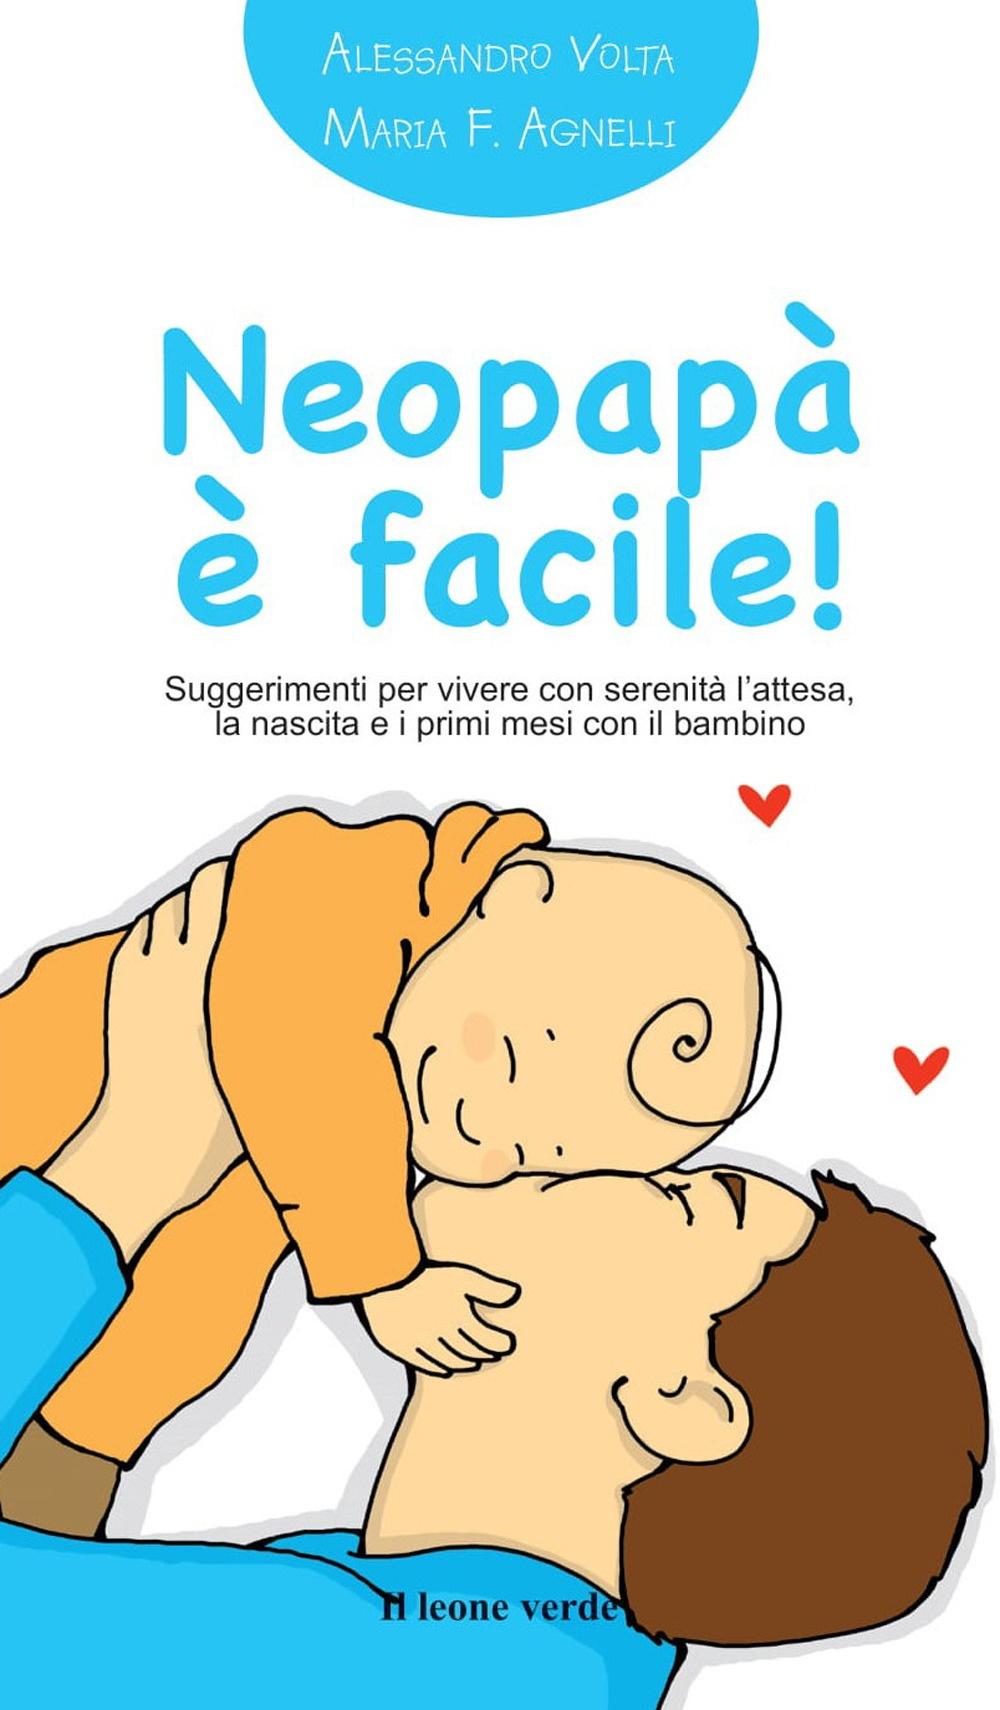 Neopapà è facile! Suggerimenti per vivere con serenità l'attesa, la nascita e i primi mesi con il bambino